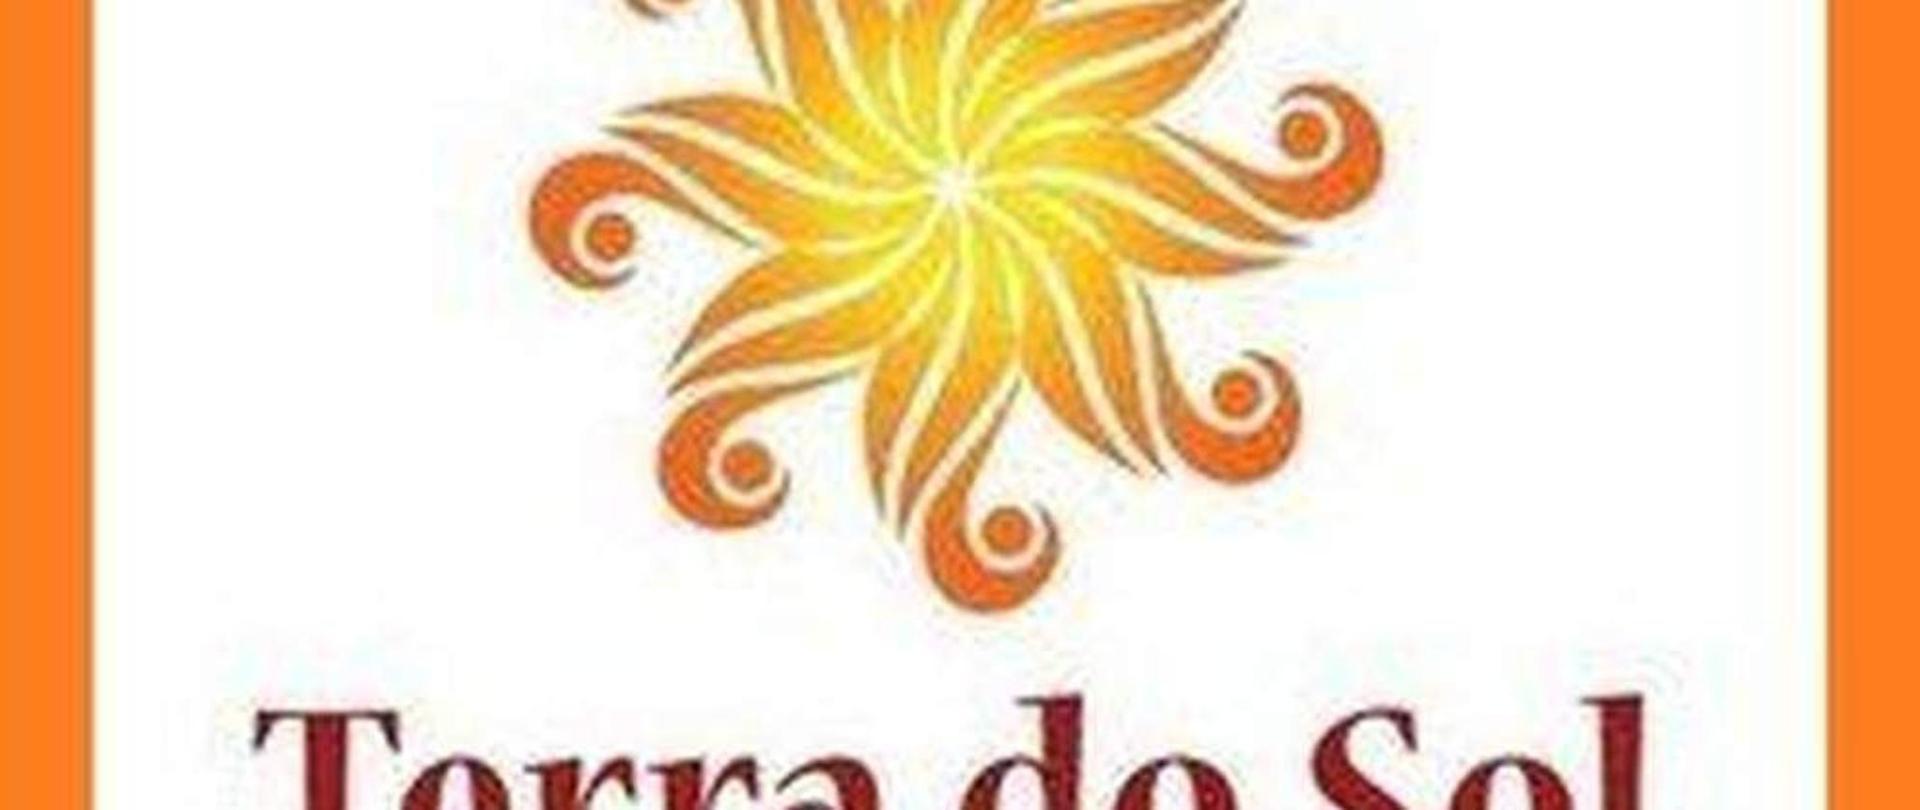 logomarca_da_pousa_coral.jpg